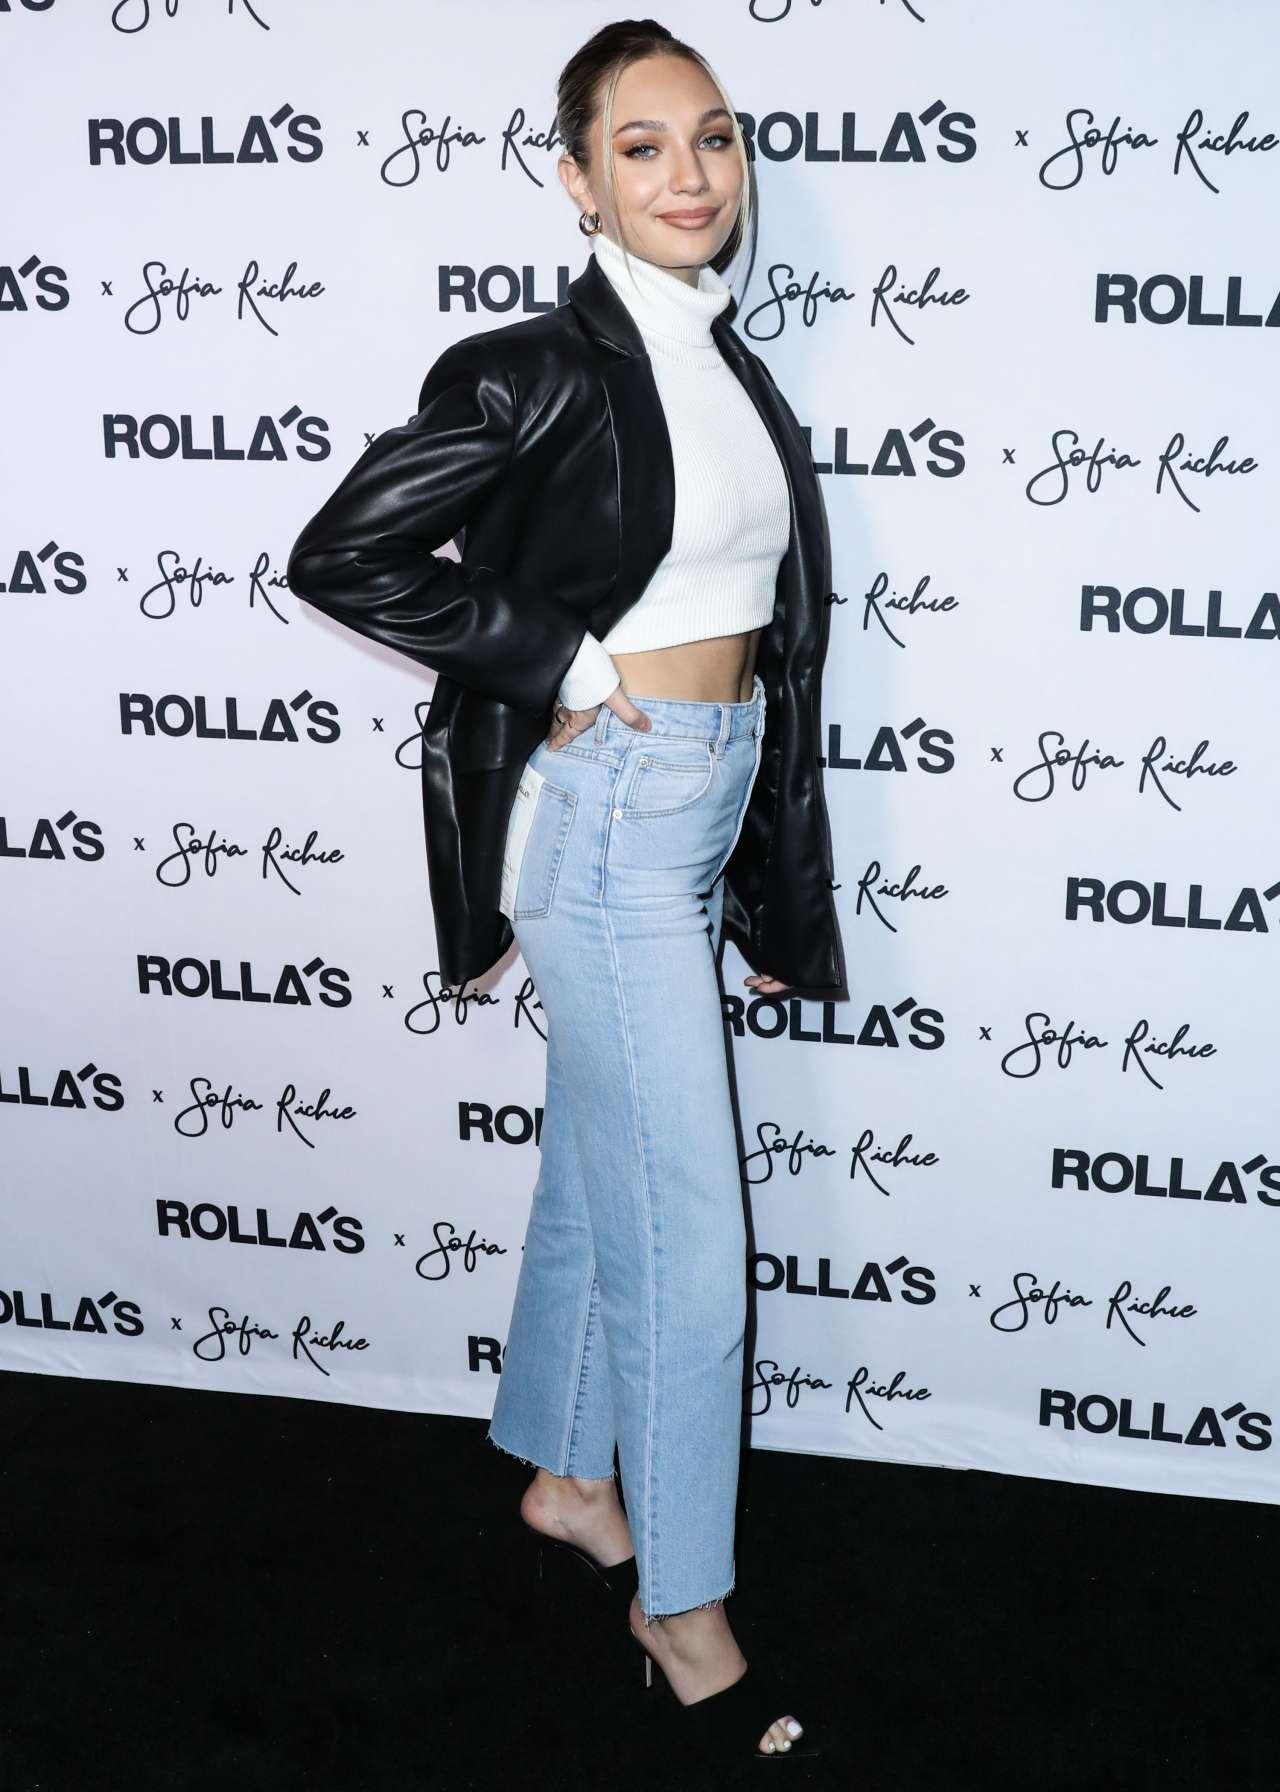 Maddie Ziegler 2020 : Maddie Ziegler – Rollas x Sofia Richie Collection Launch Event in Los Angeles-09